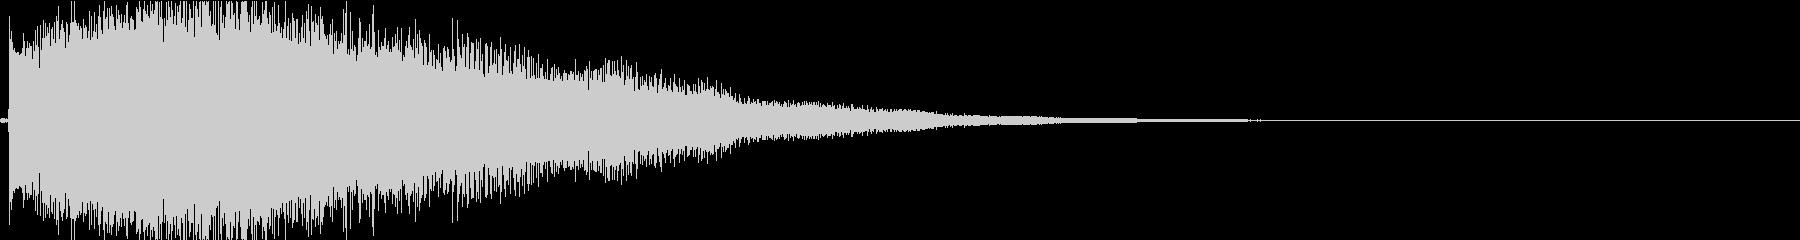 アンビエントなエレピ#2・サウンドロゴ等の未再生の波形